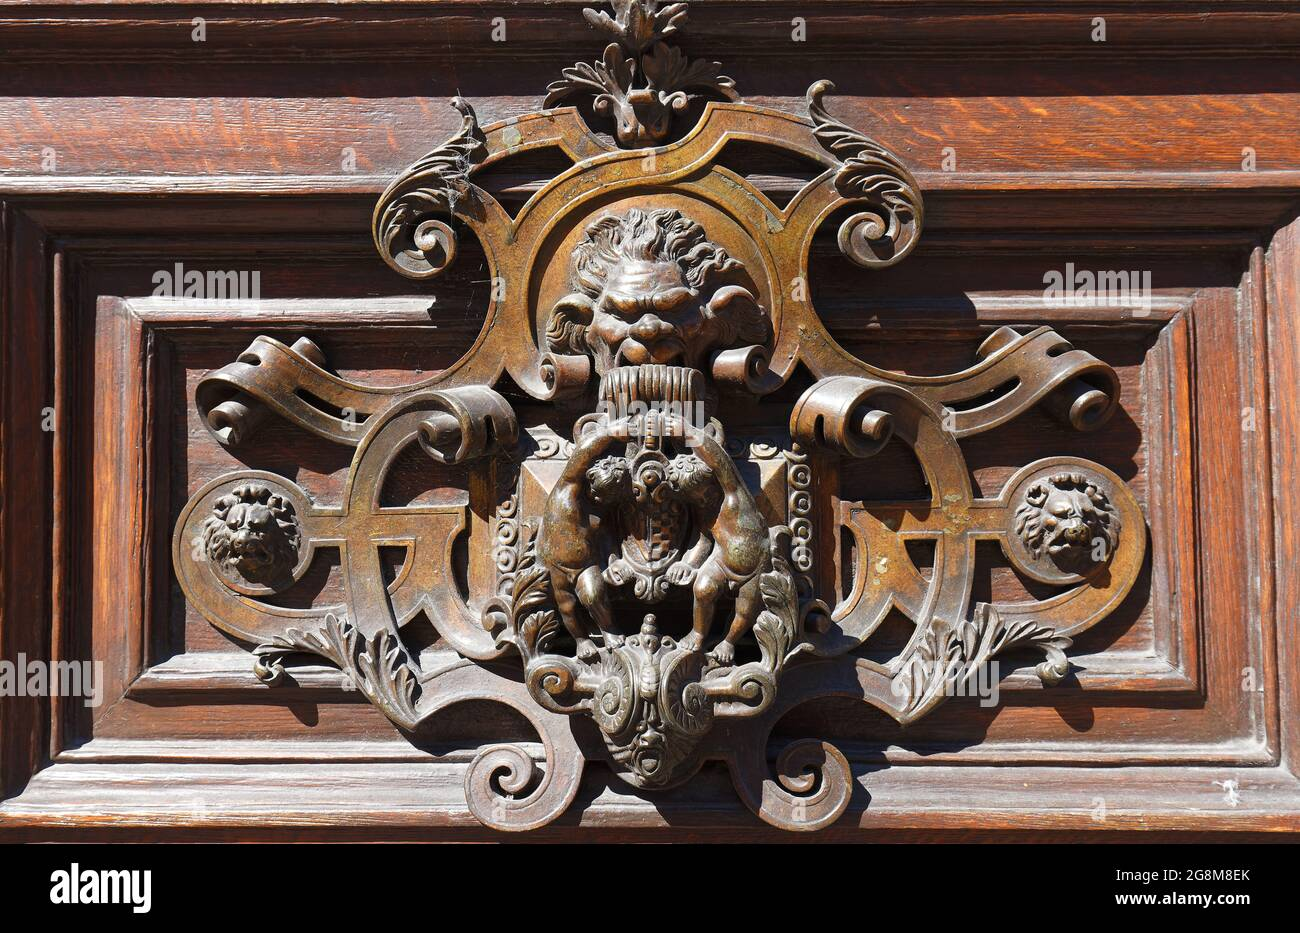 Knock de porte européen Vintage vieux métal en fer forgé. Détails de conception. Paris. Banque D'Images